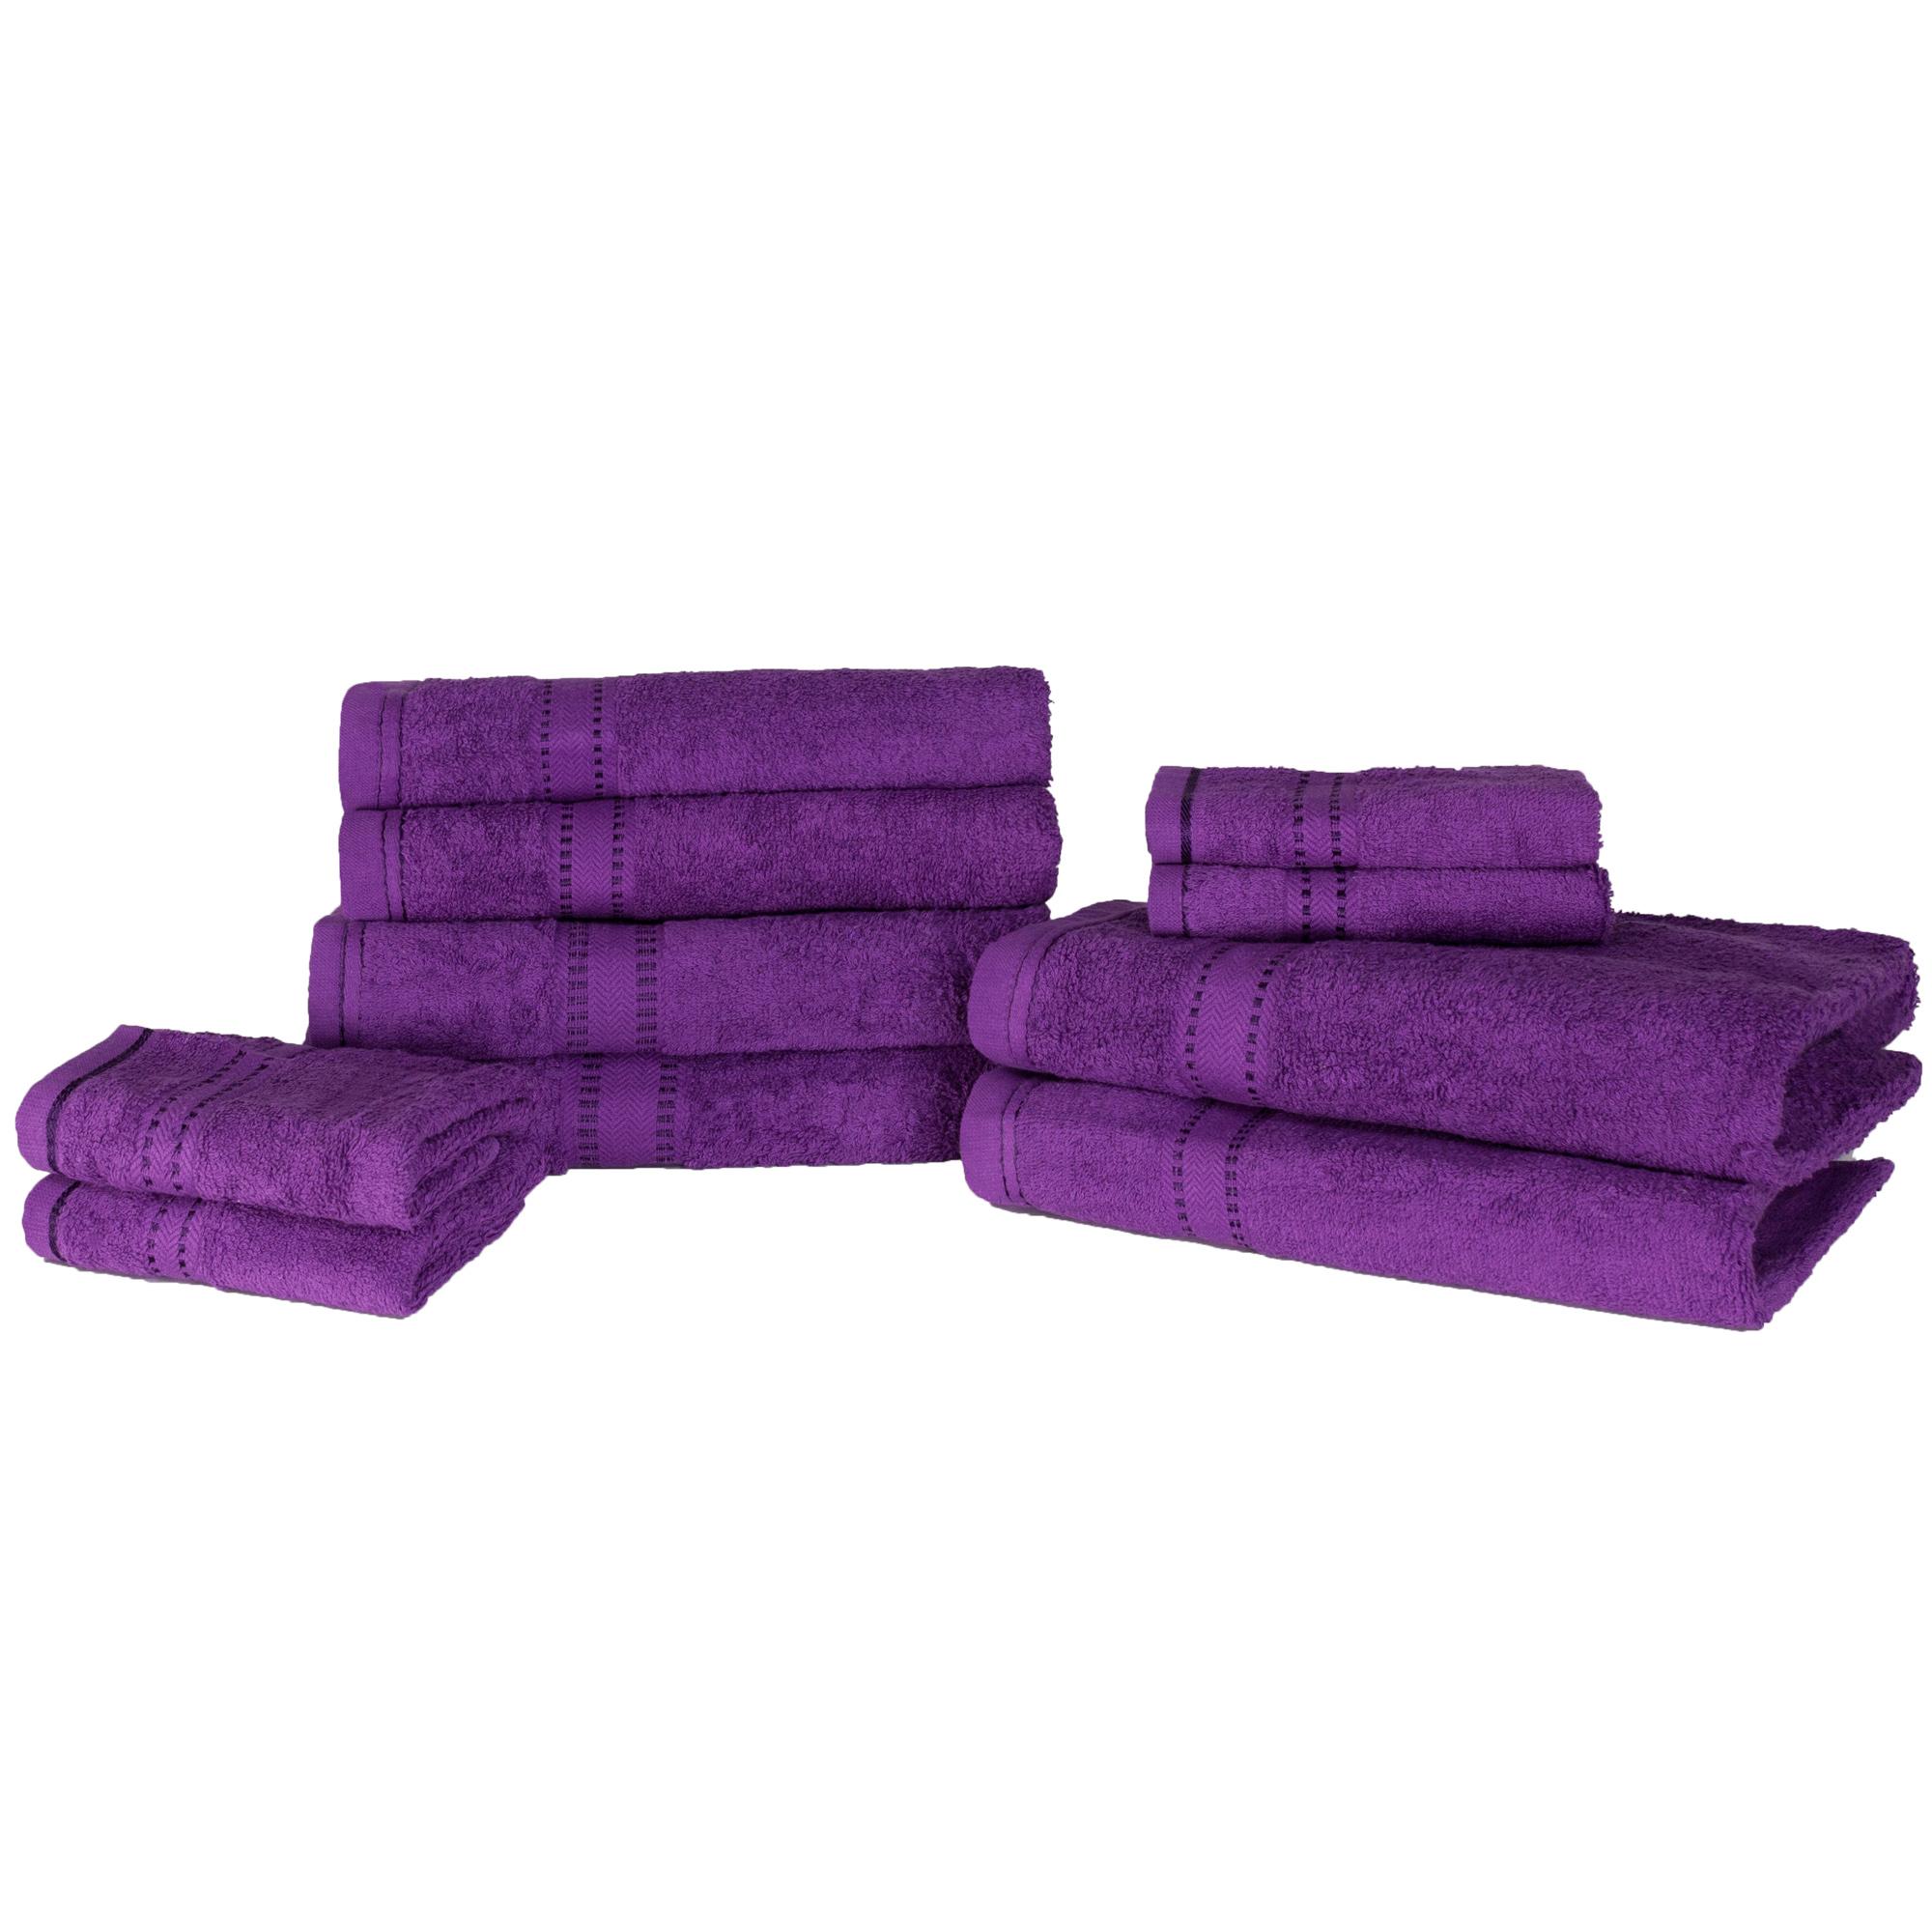 luxuri s weich 10 st ck handtuch b ndel geschenk set 100 baumwolle blau ebay. Black Bedroom Furniture Sets. Home Design Ideas